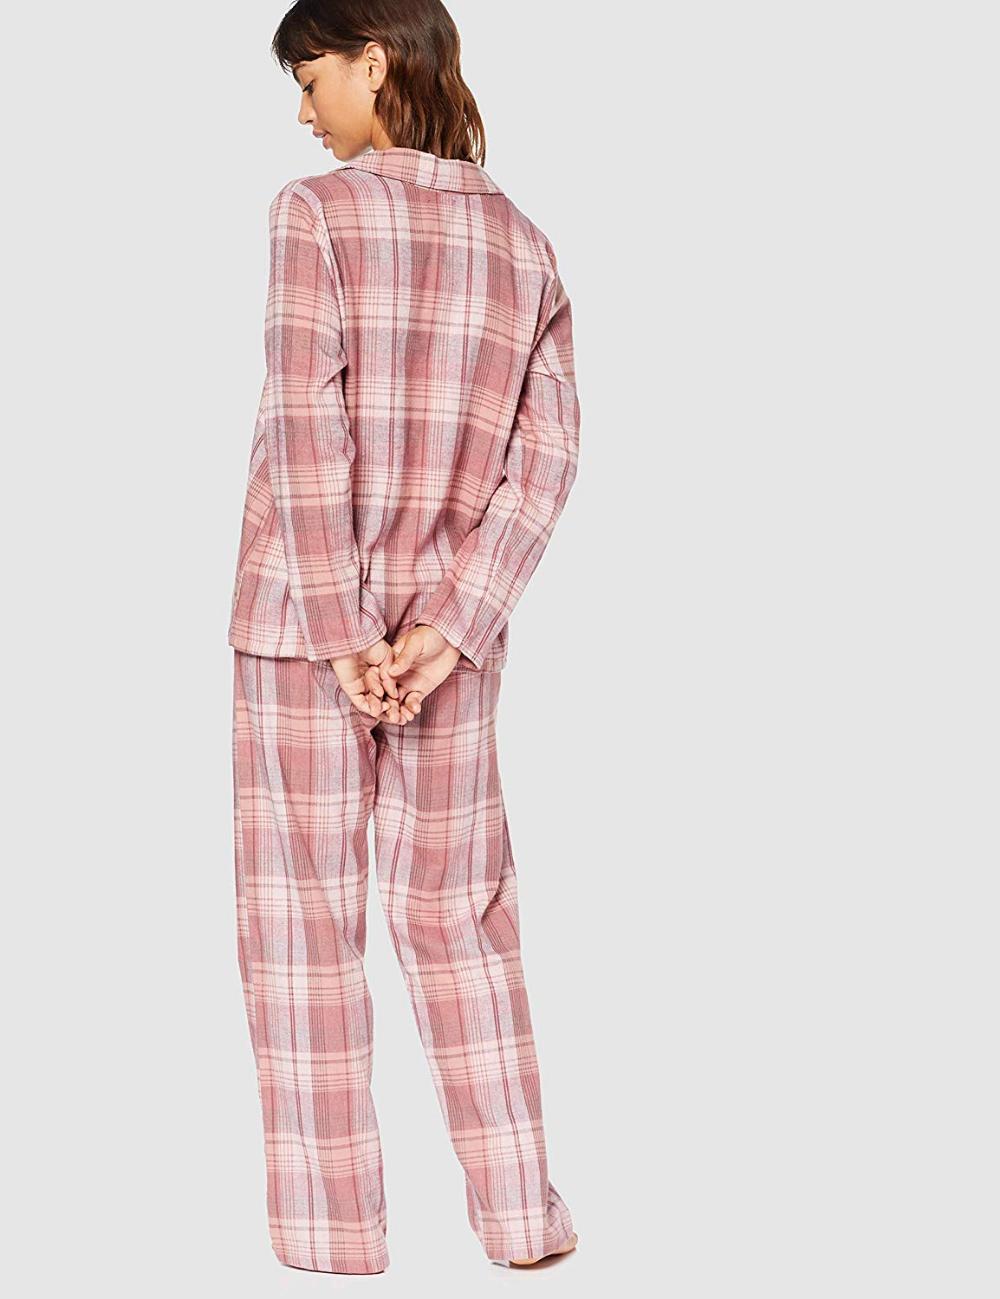 Iris /& Lilly Damen Pyjama-Set Marke